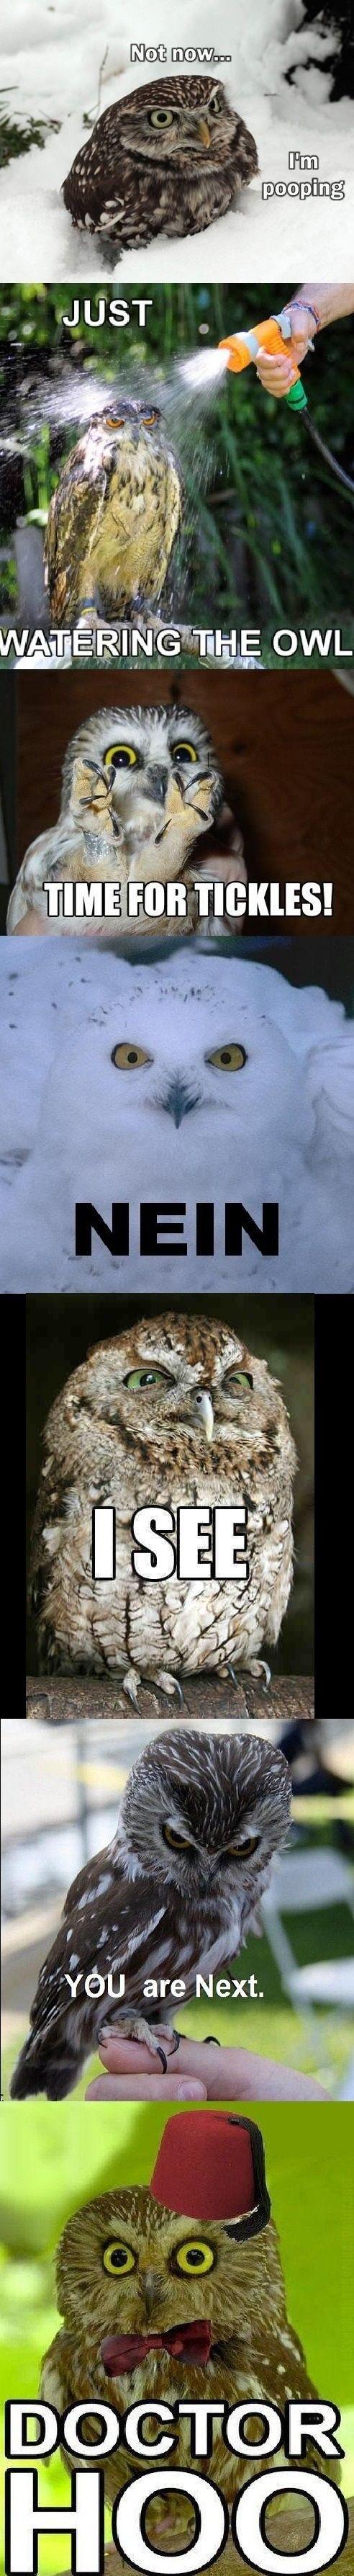 I heard you like owls